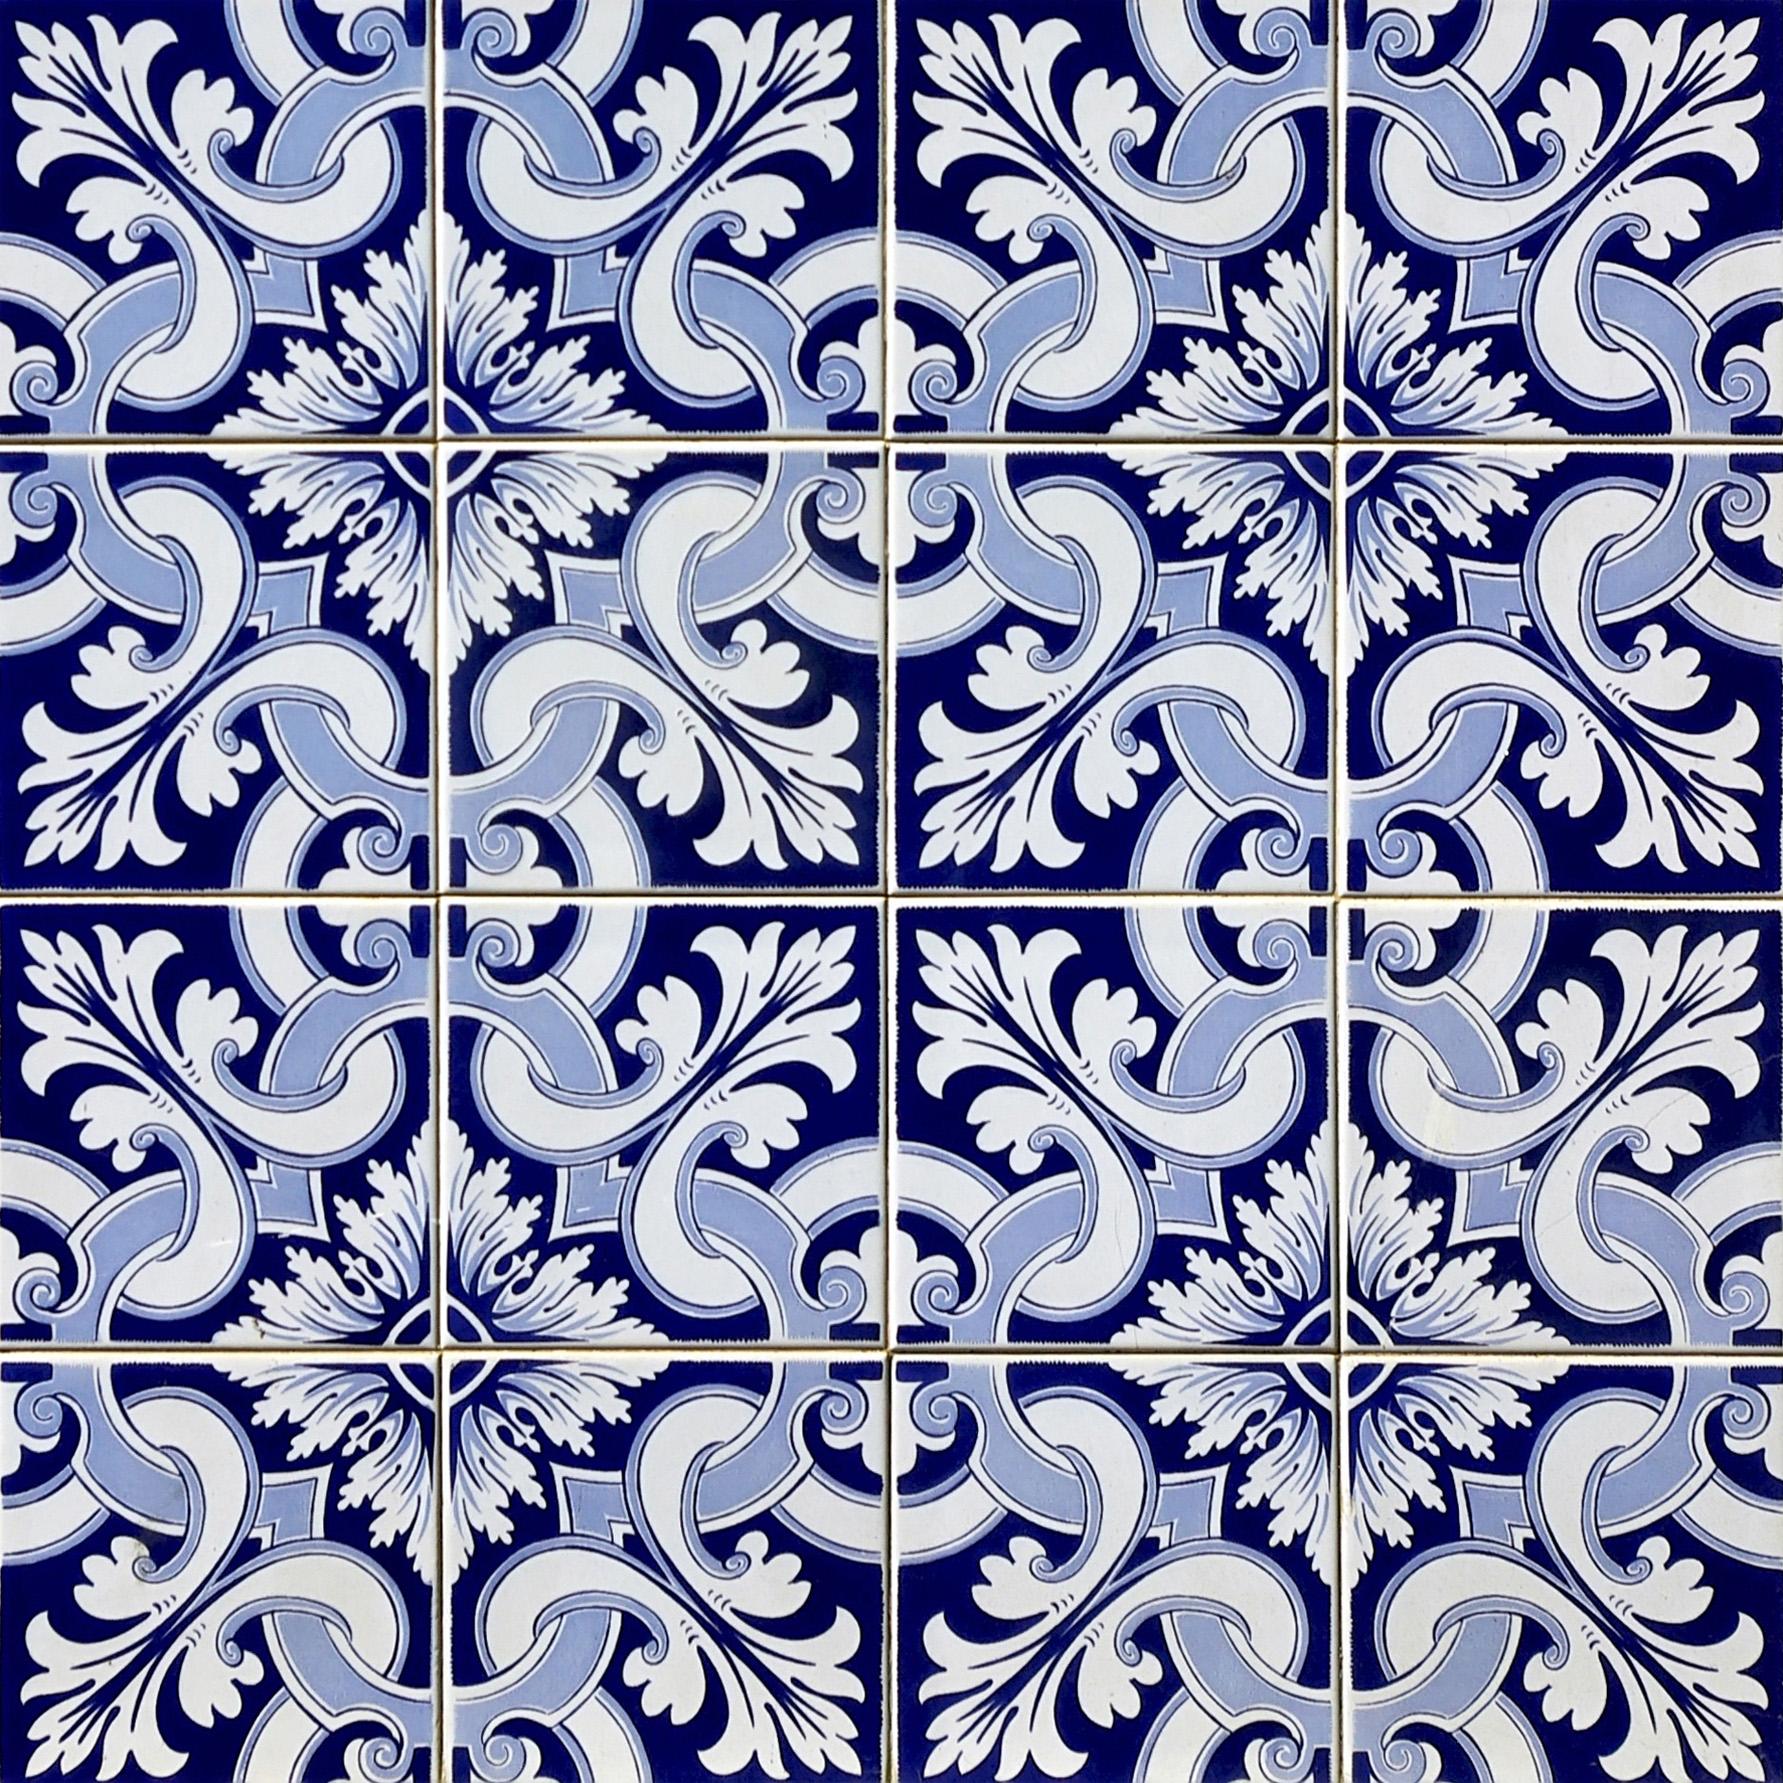 Azulejo Adesivo : AZ097 Arabesco Design Elo7 #040446 1783x1783 Azulejo Banheiro Parede